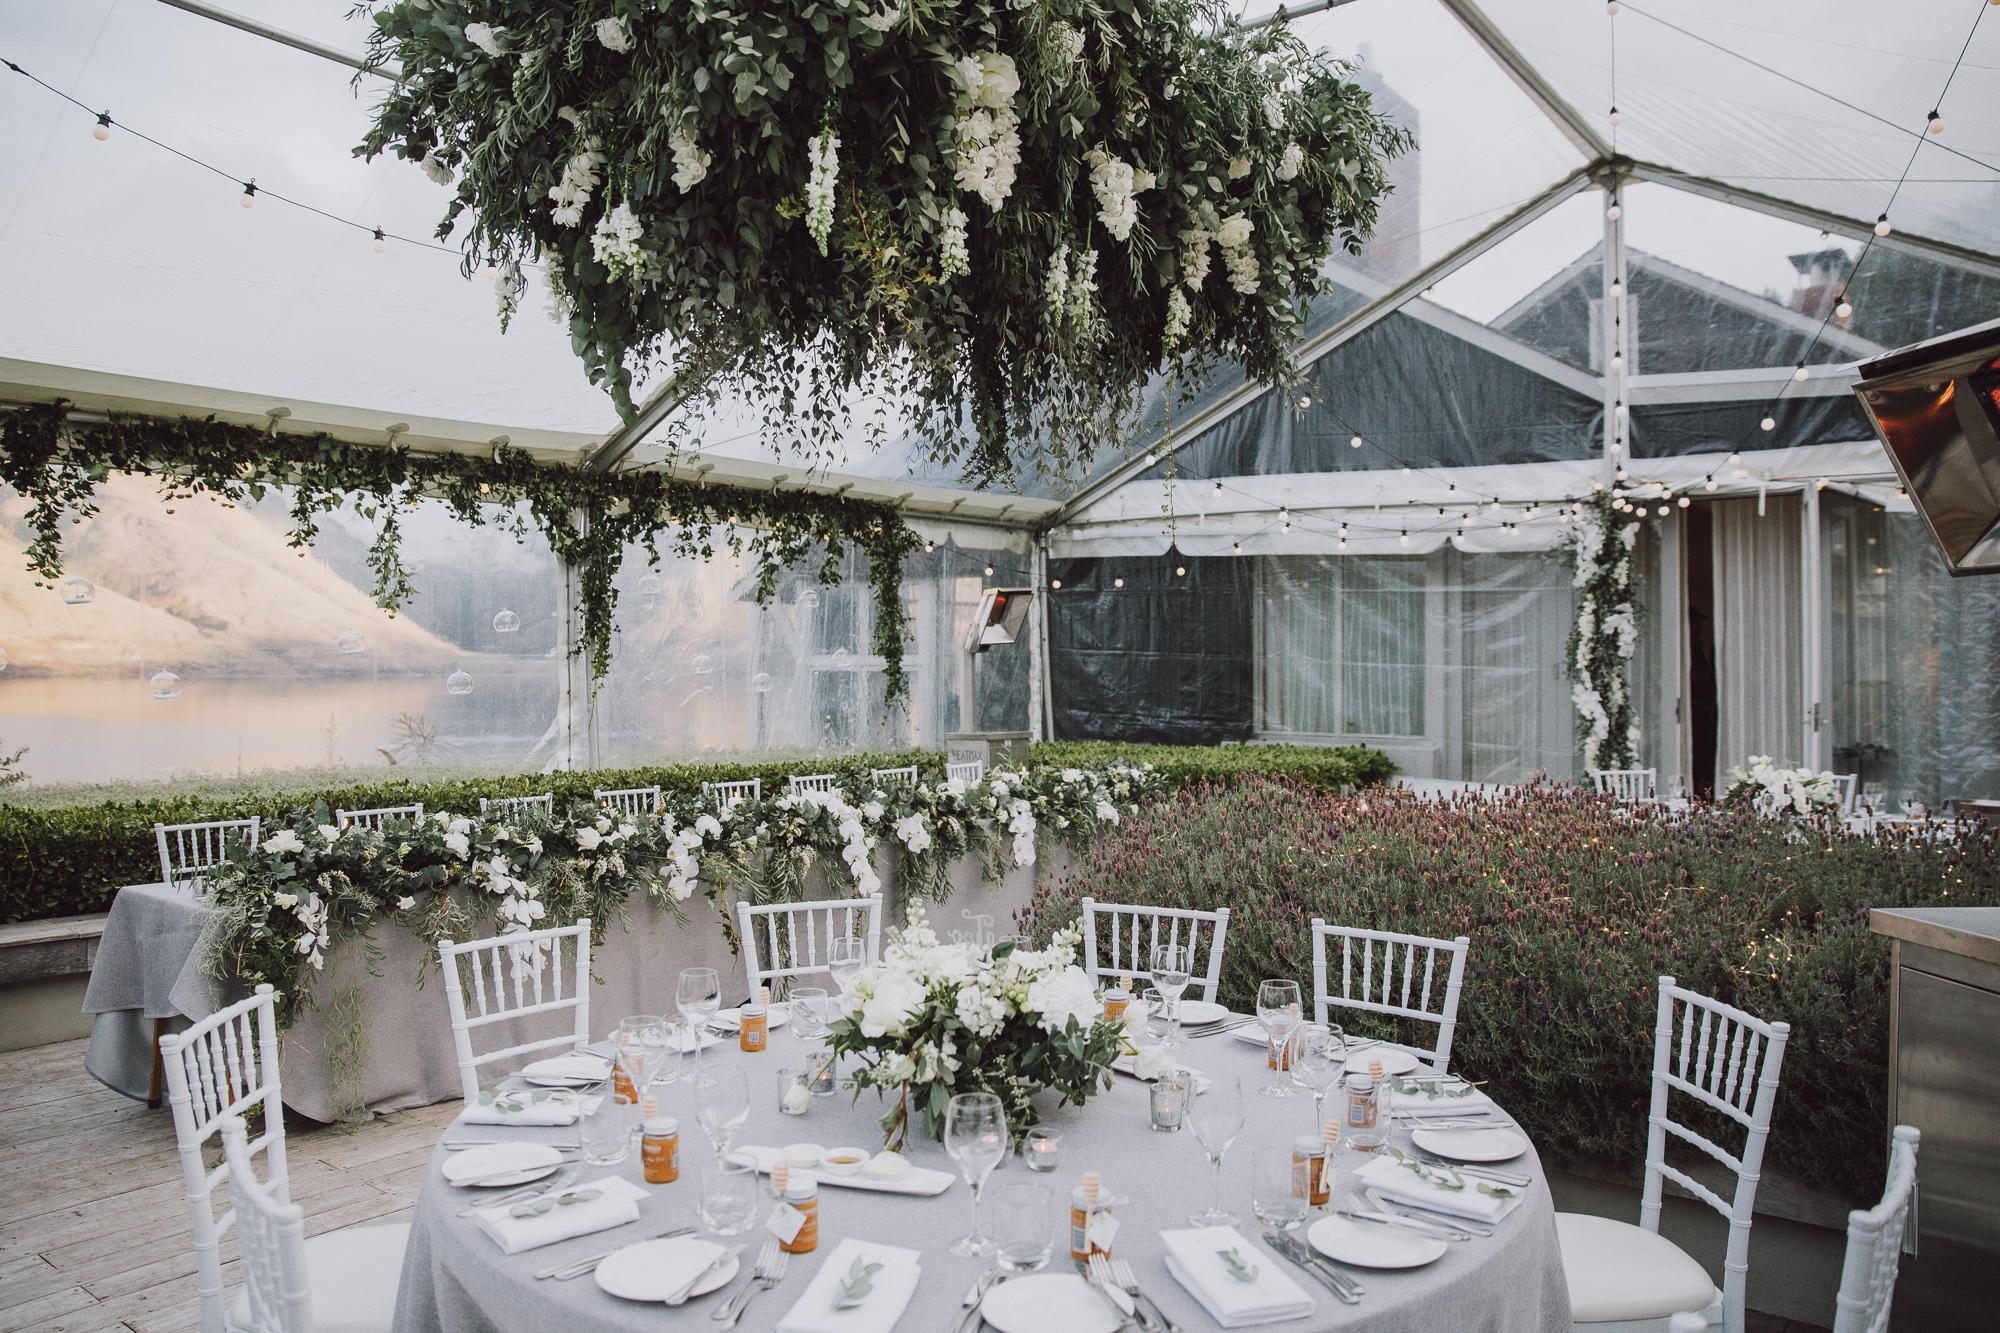 Matakauri Lodge Marquee Wedding Stylist in Queenstown NZ